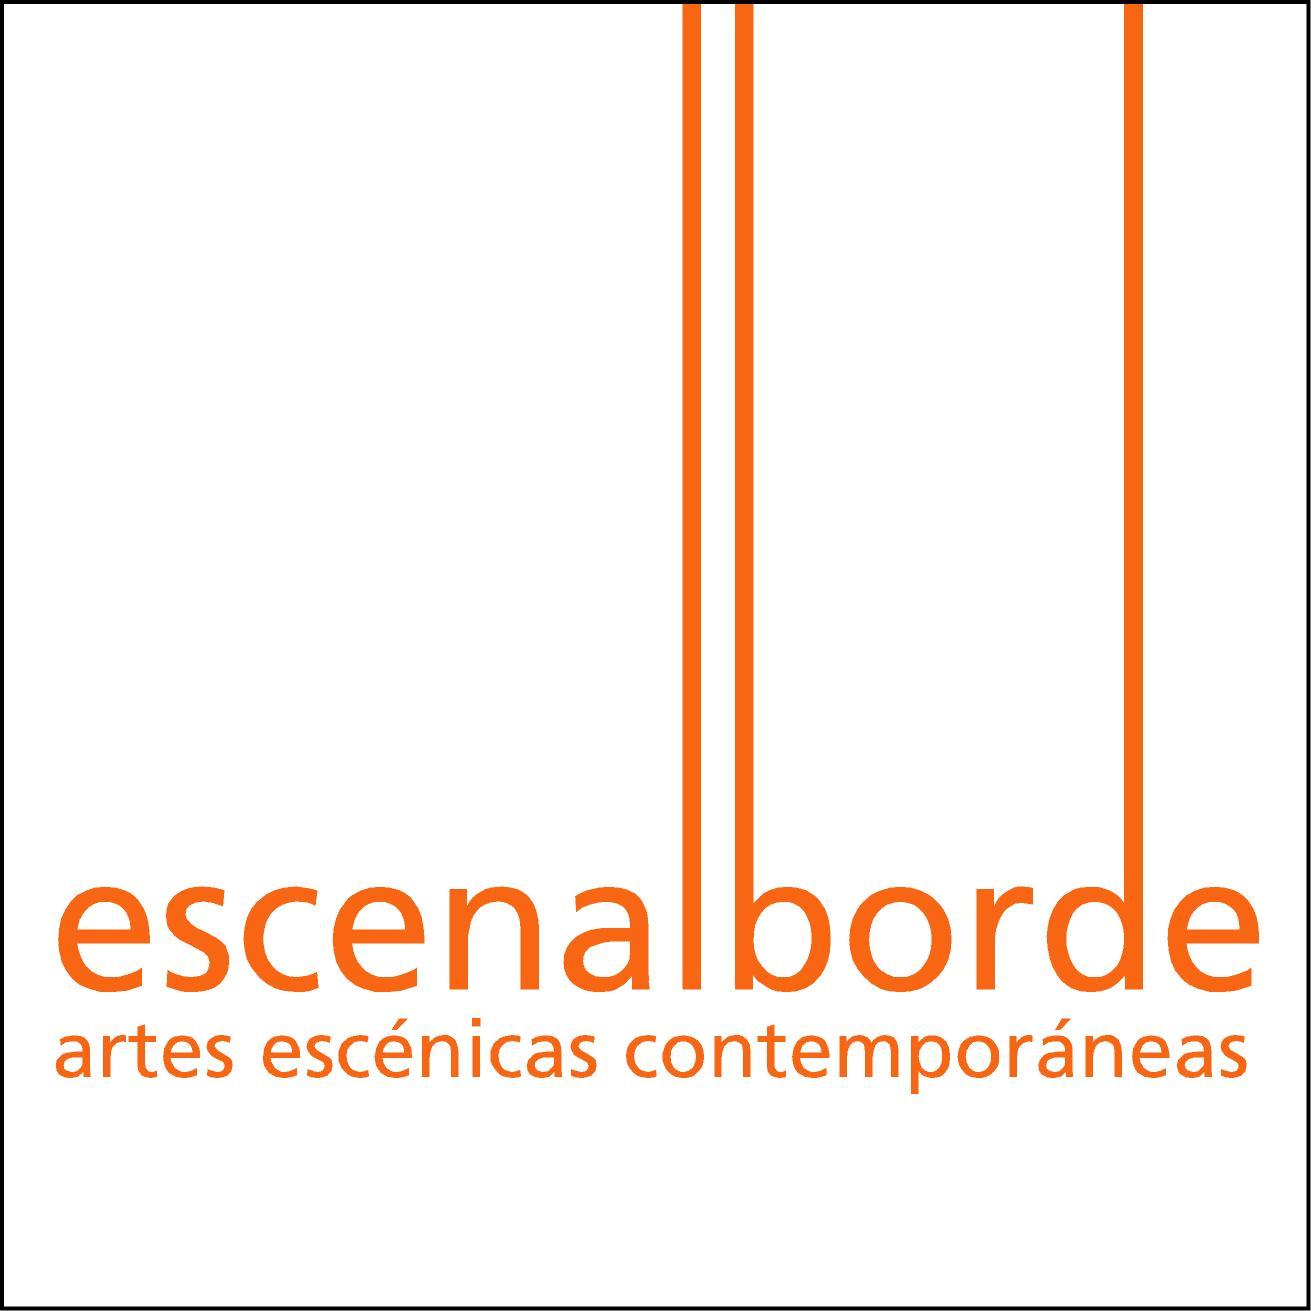 Escenalborde Artes Escénicas Contemporáneas